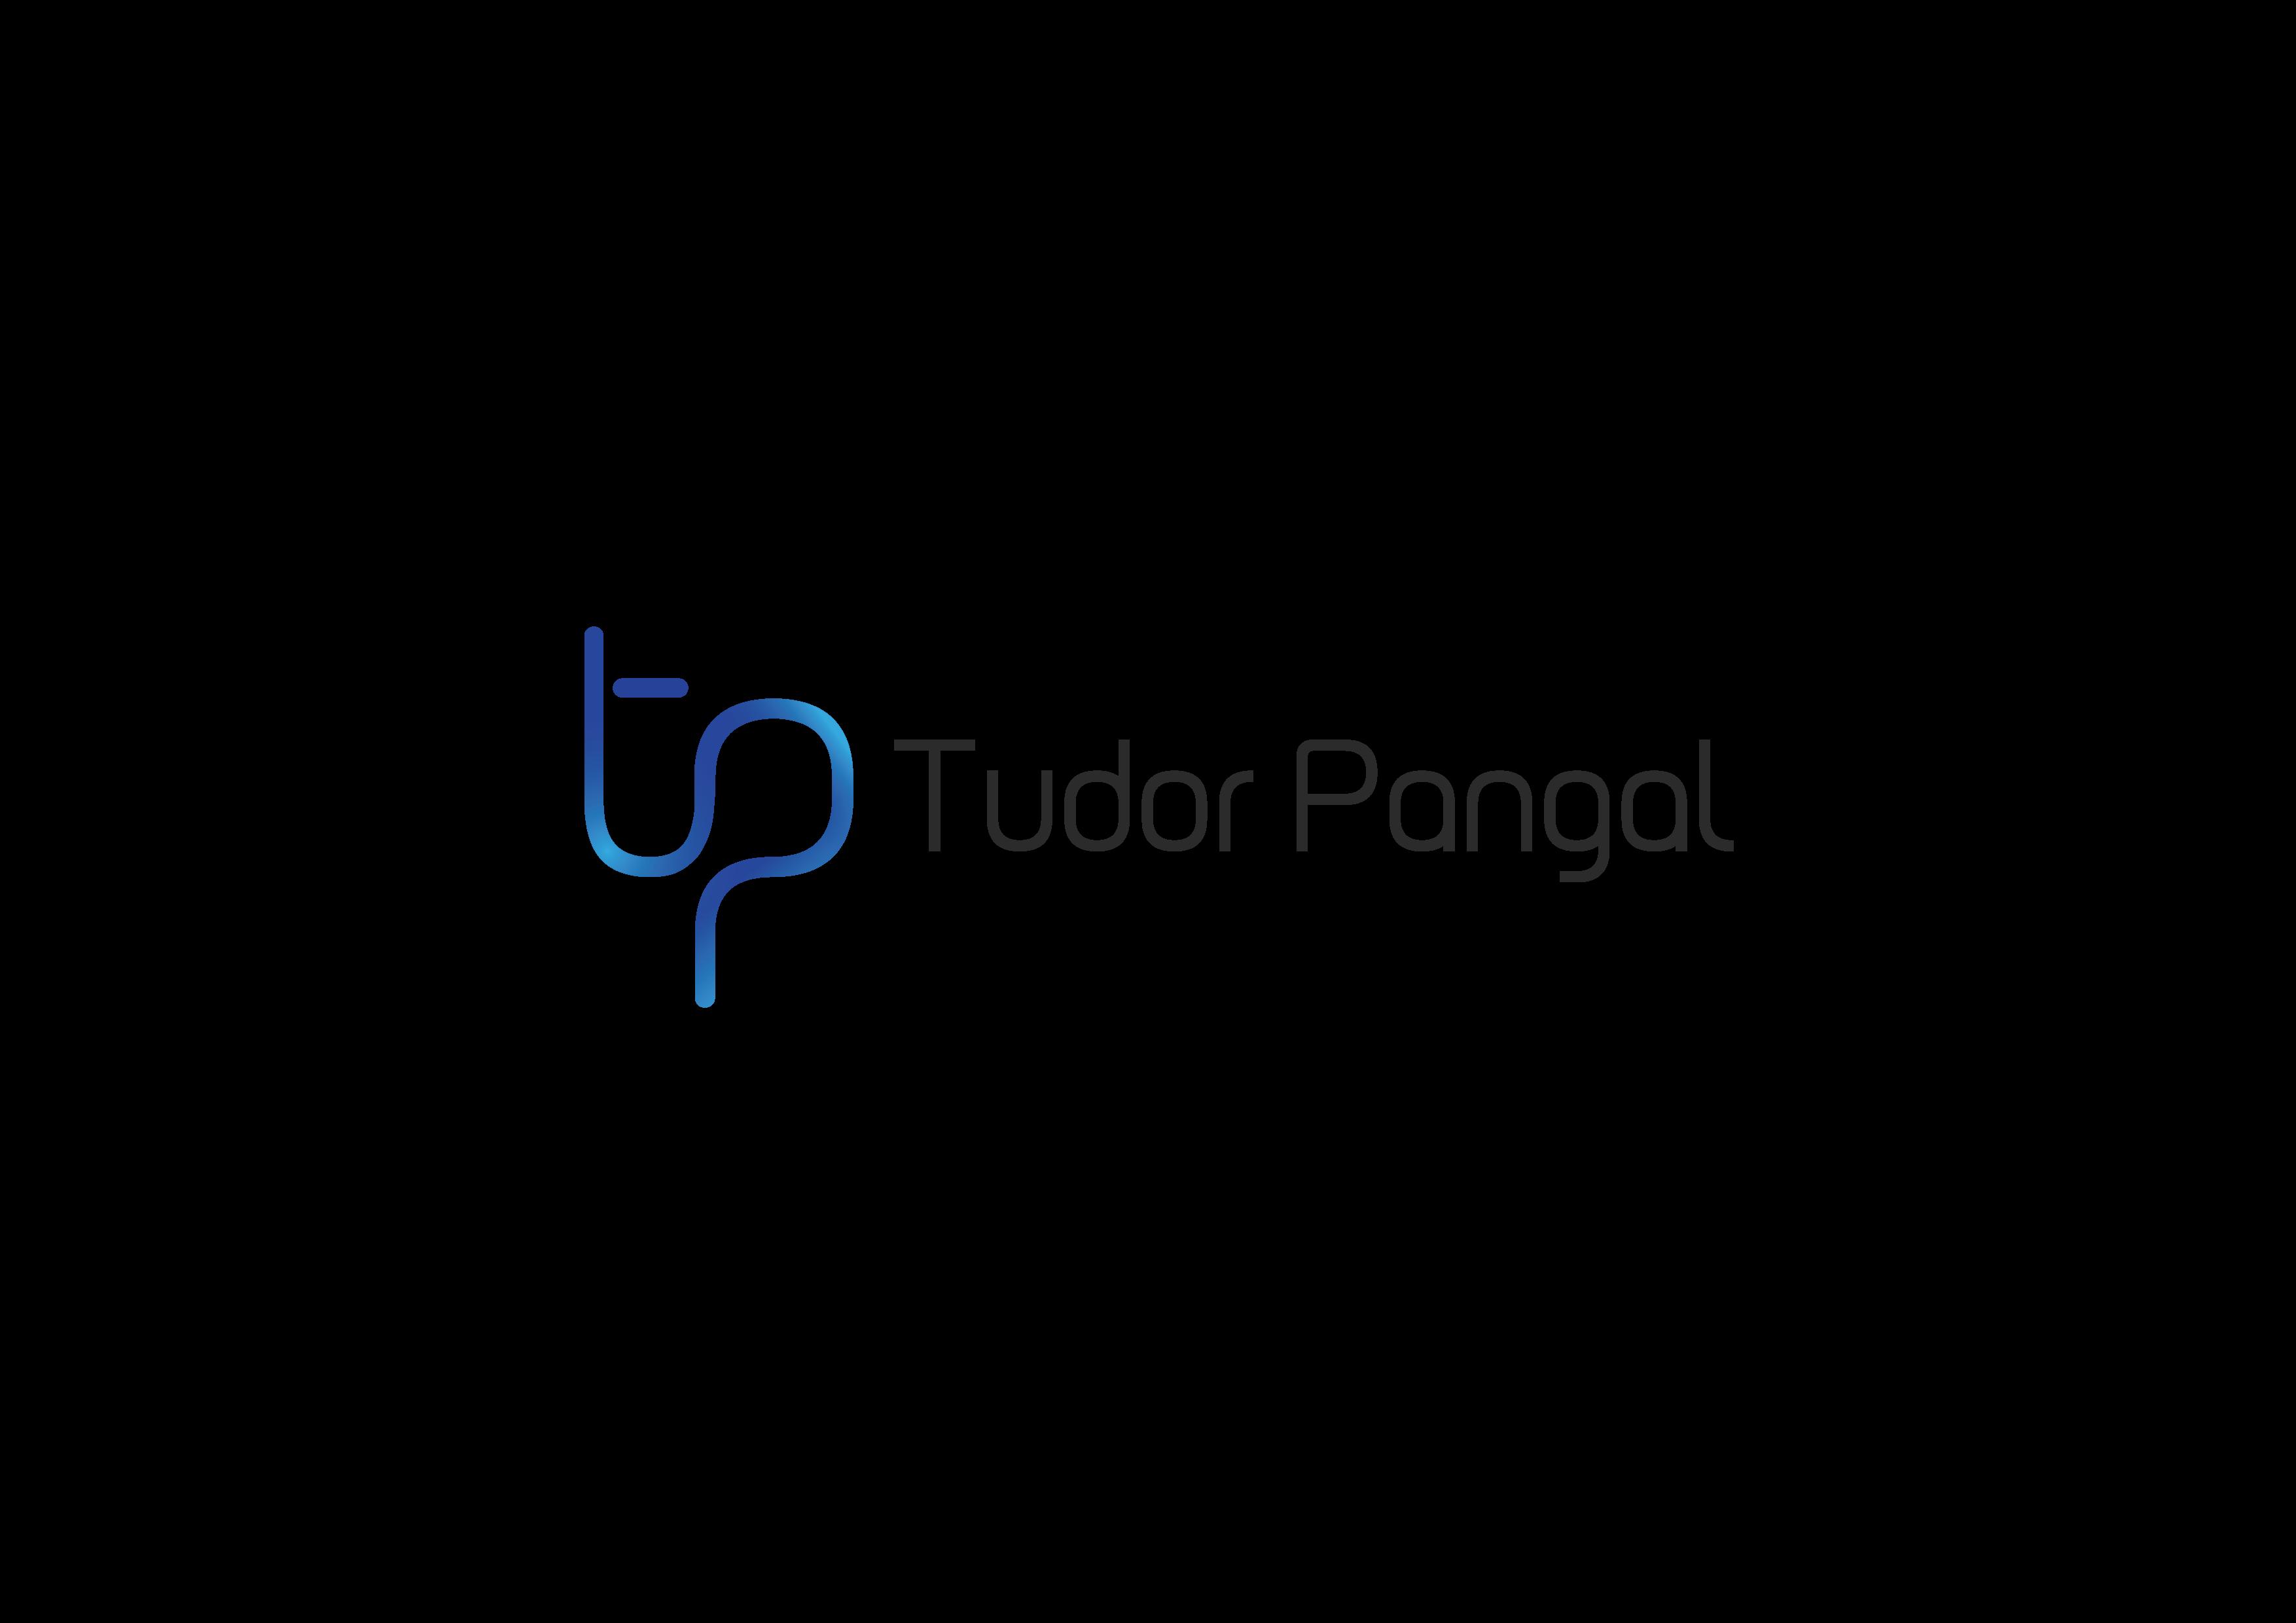 Tudor Pangal